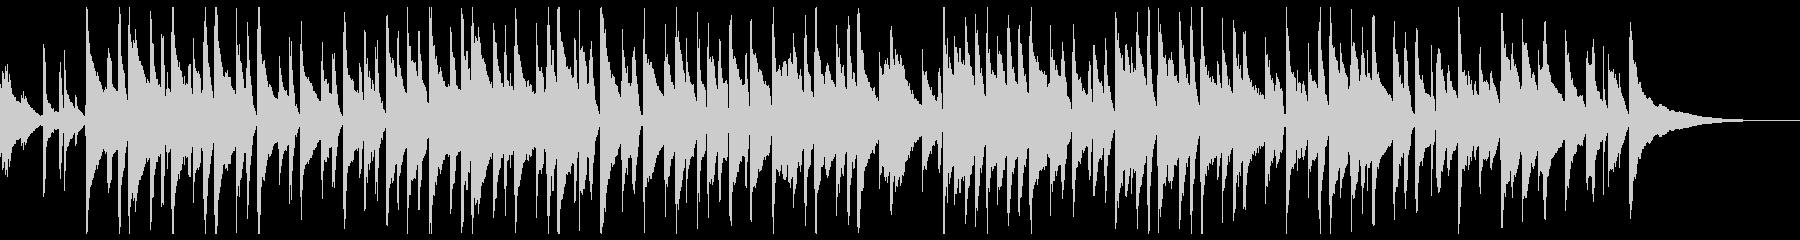 柔らかなピアノ旋律のバラードの未再生の波形